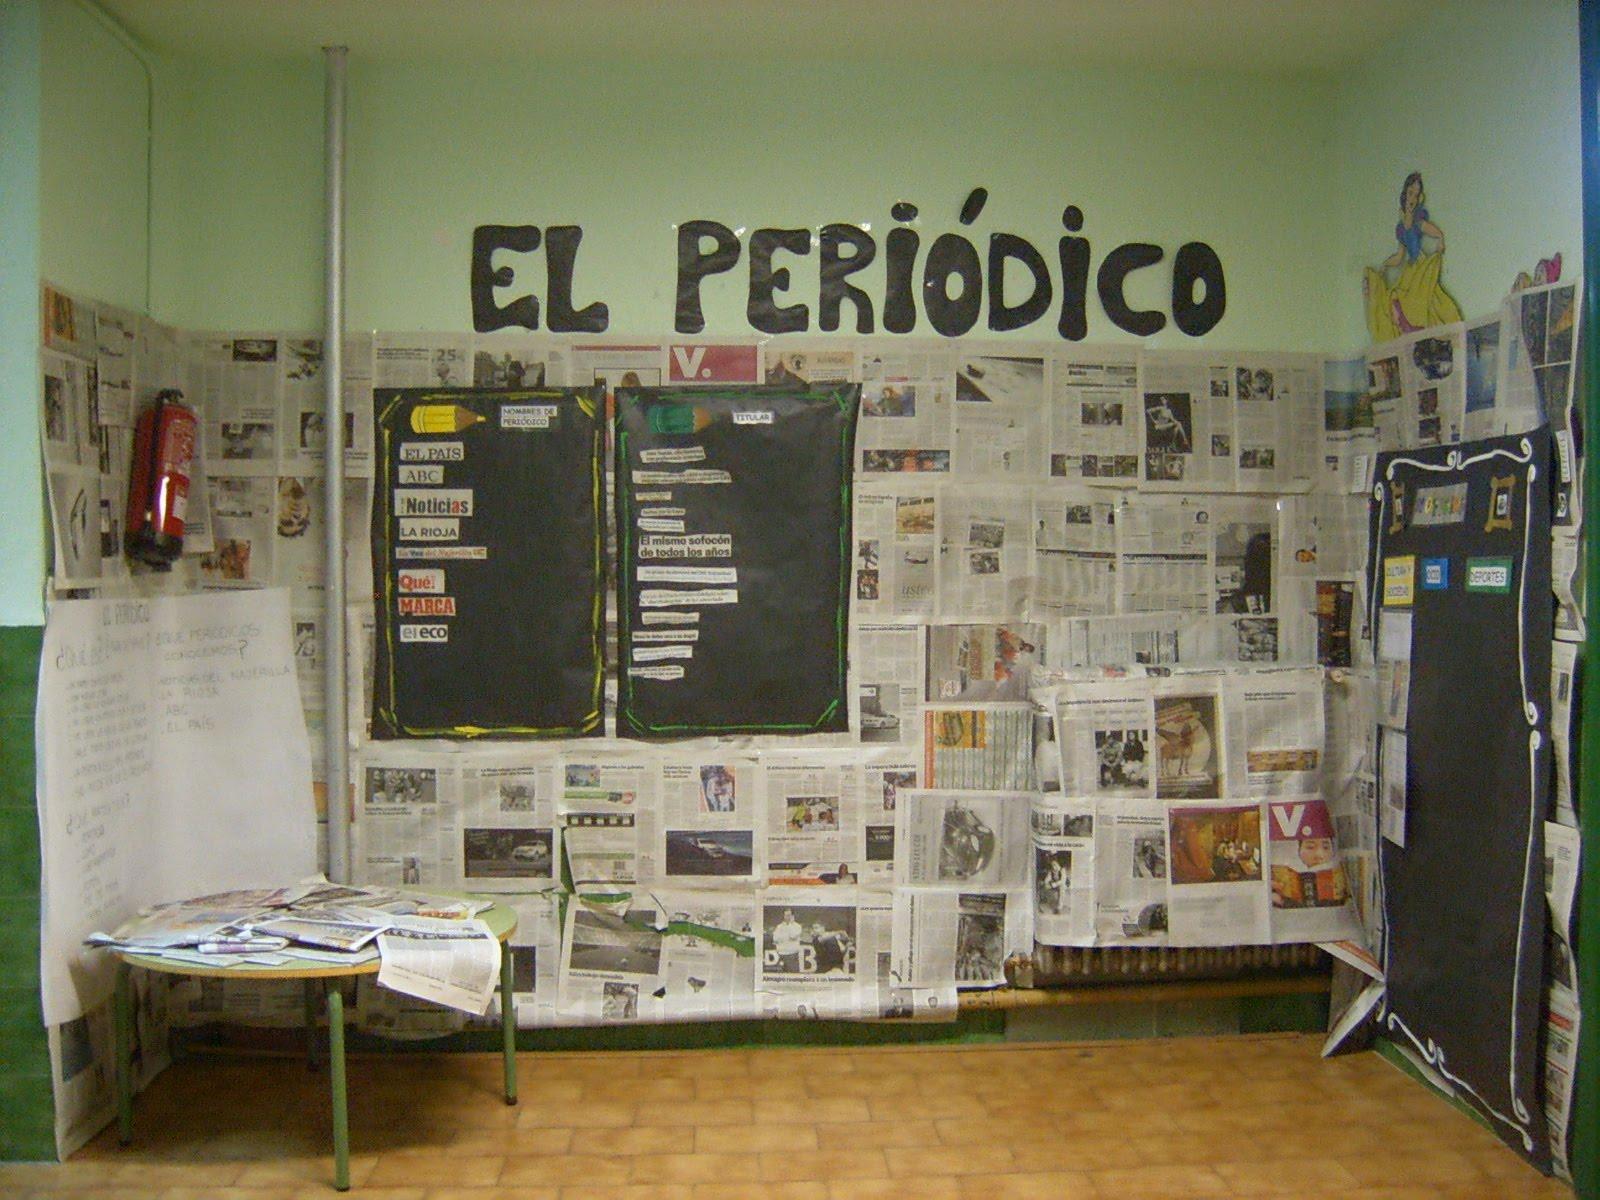 Cuales son sus partes de un periodico mural for Cuales son las partes de un periodico mural